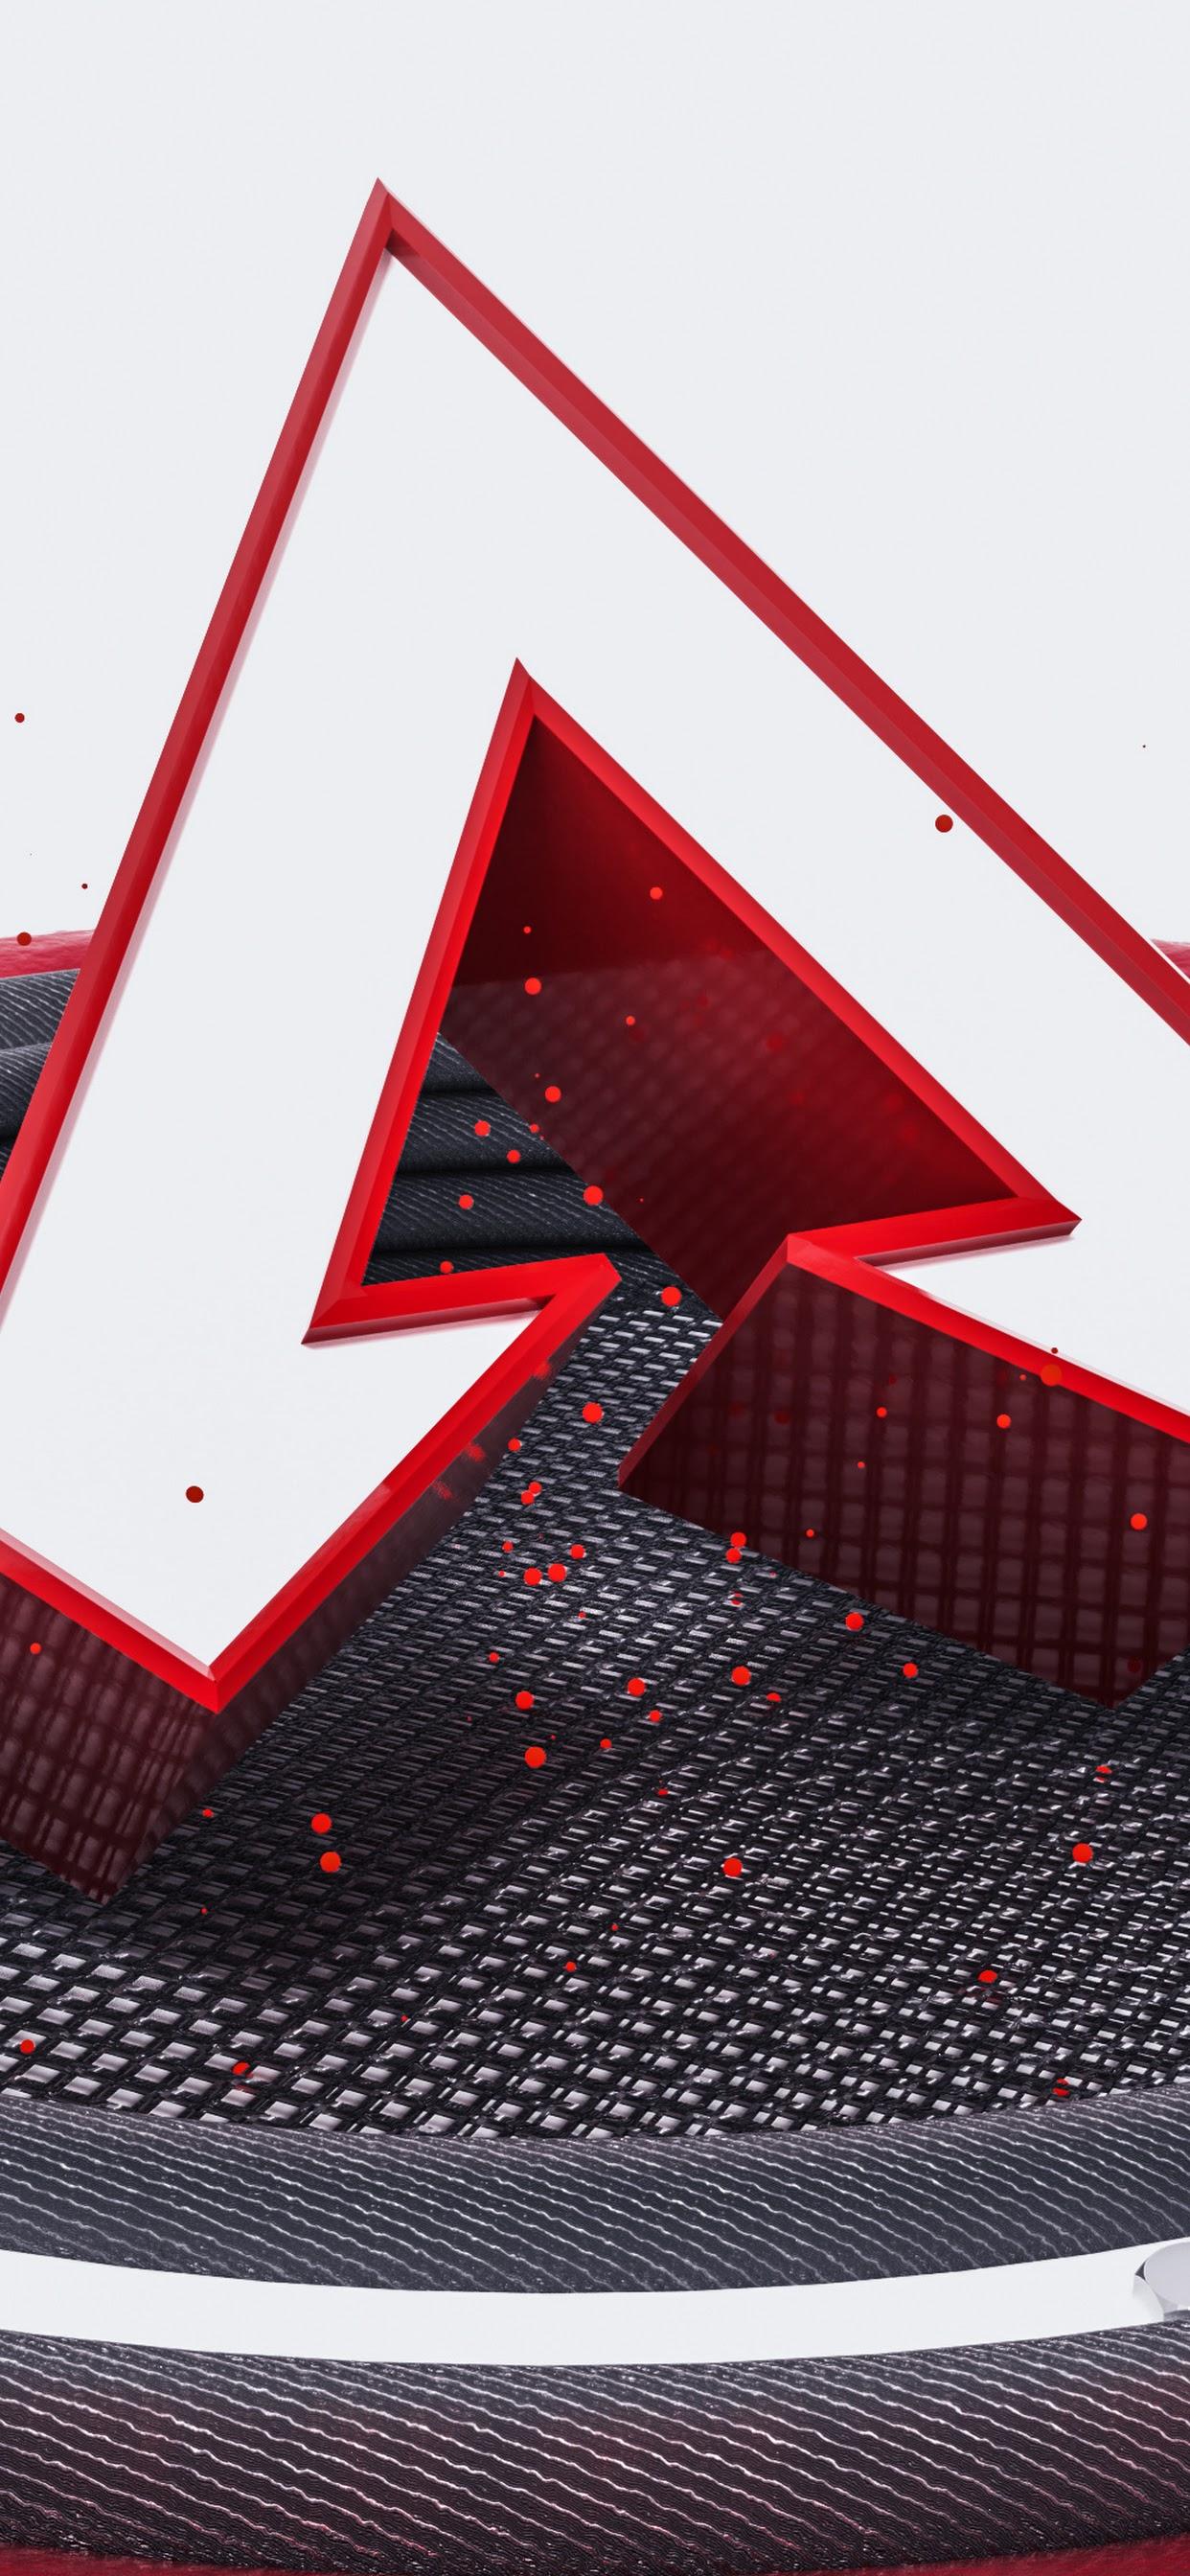 Apex Legends Logo 3d 4k Wallpaper 39